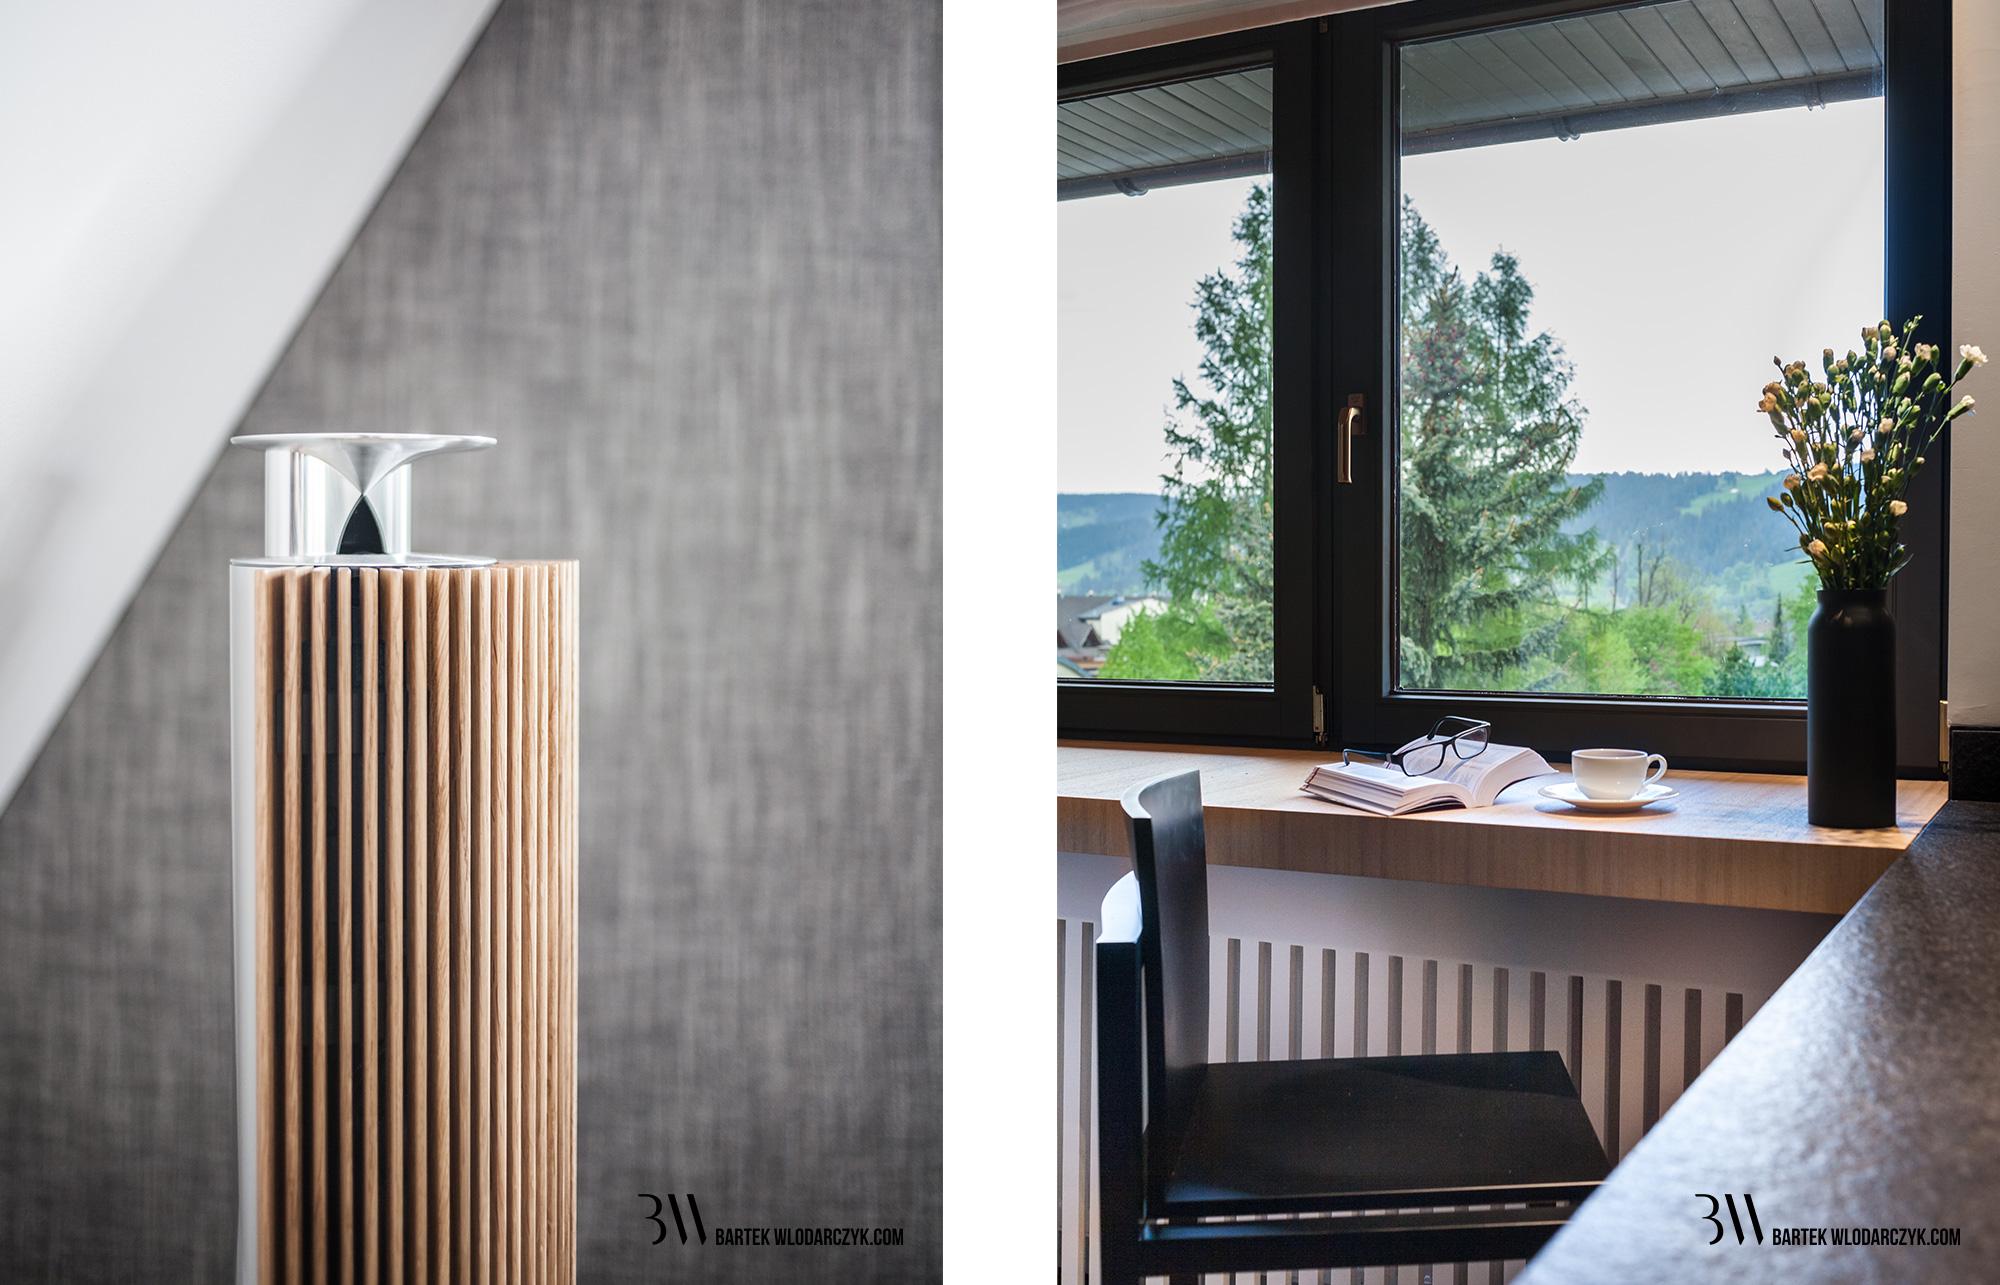 bartek wlodarczyk tatra lodge11 Tatra Lodge Apartment by Bartek Wlodarczyk